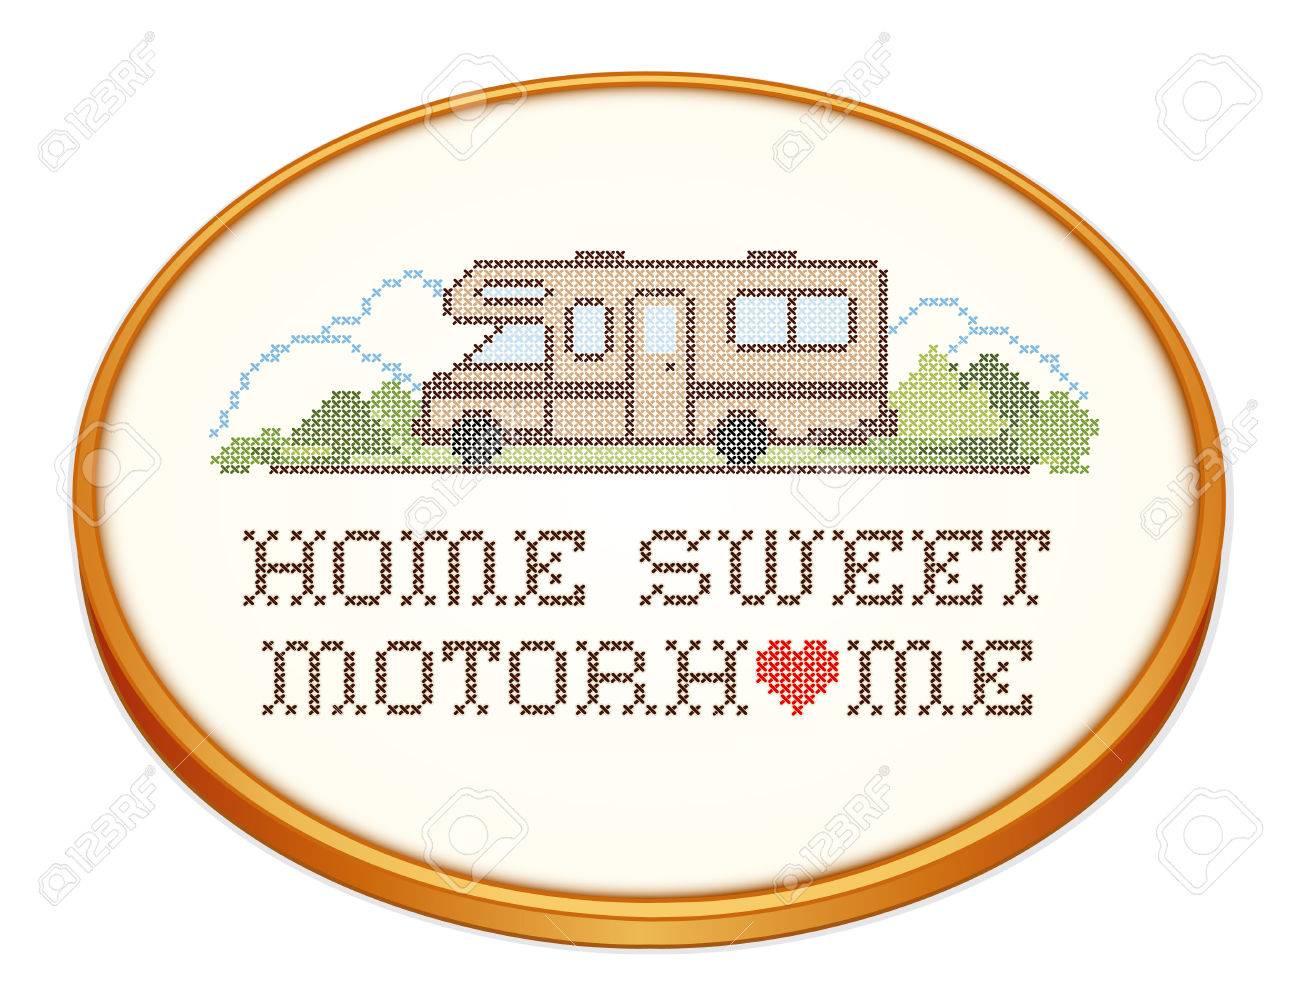 Home Sweet Home Motor, Bastidor De Bordado De Madera Retro Con ...